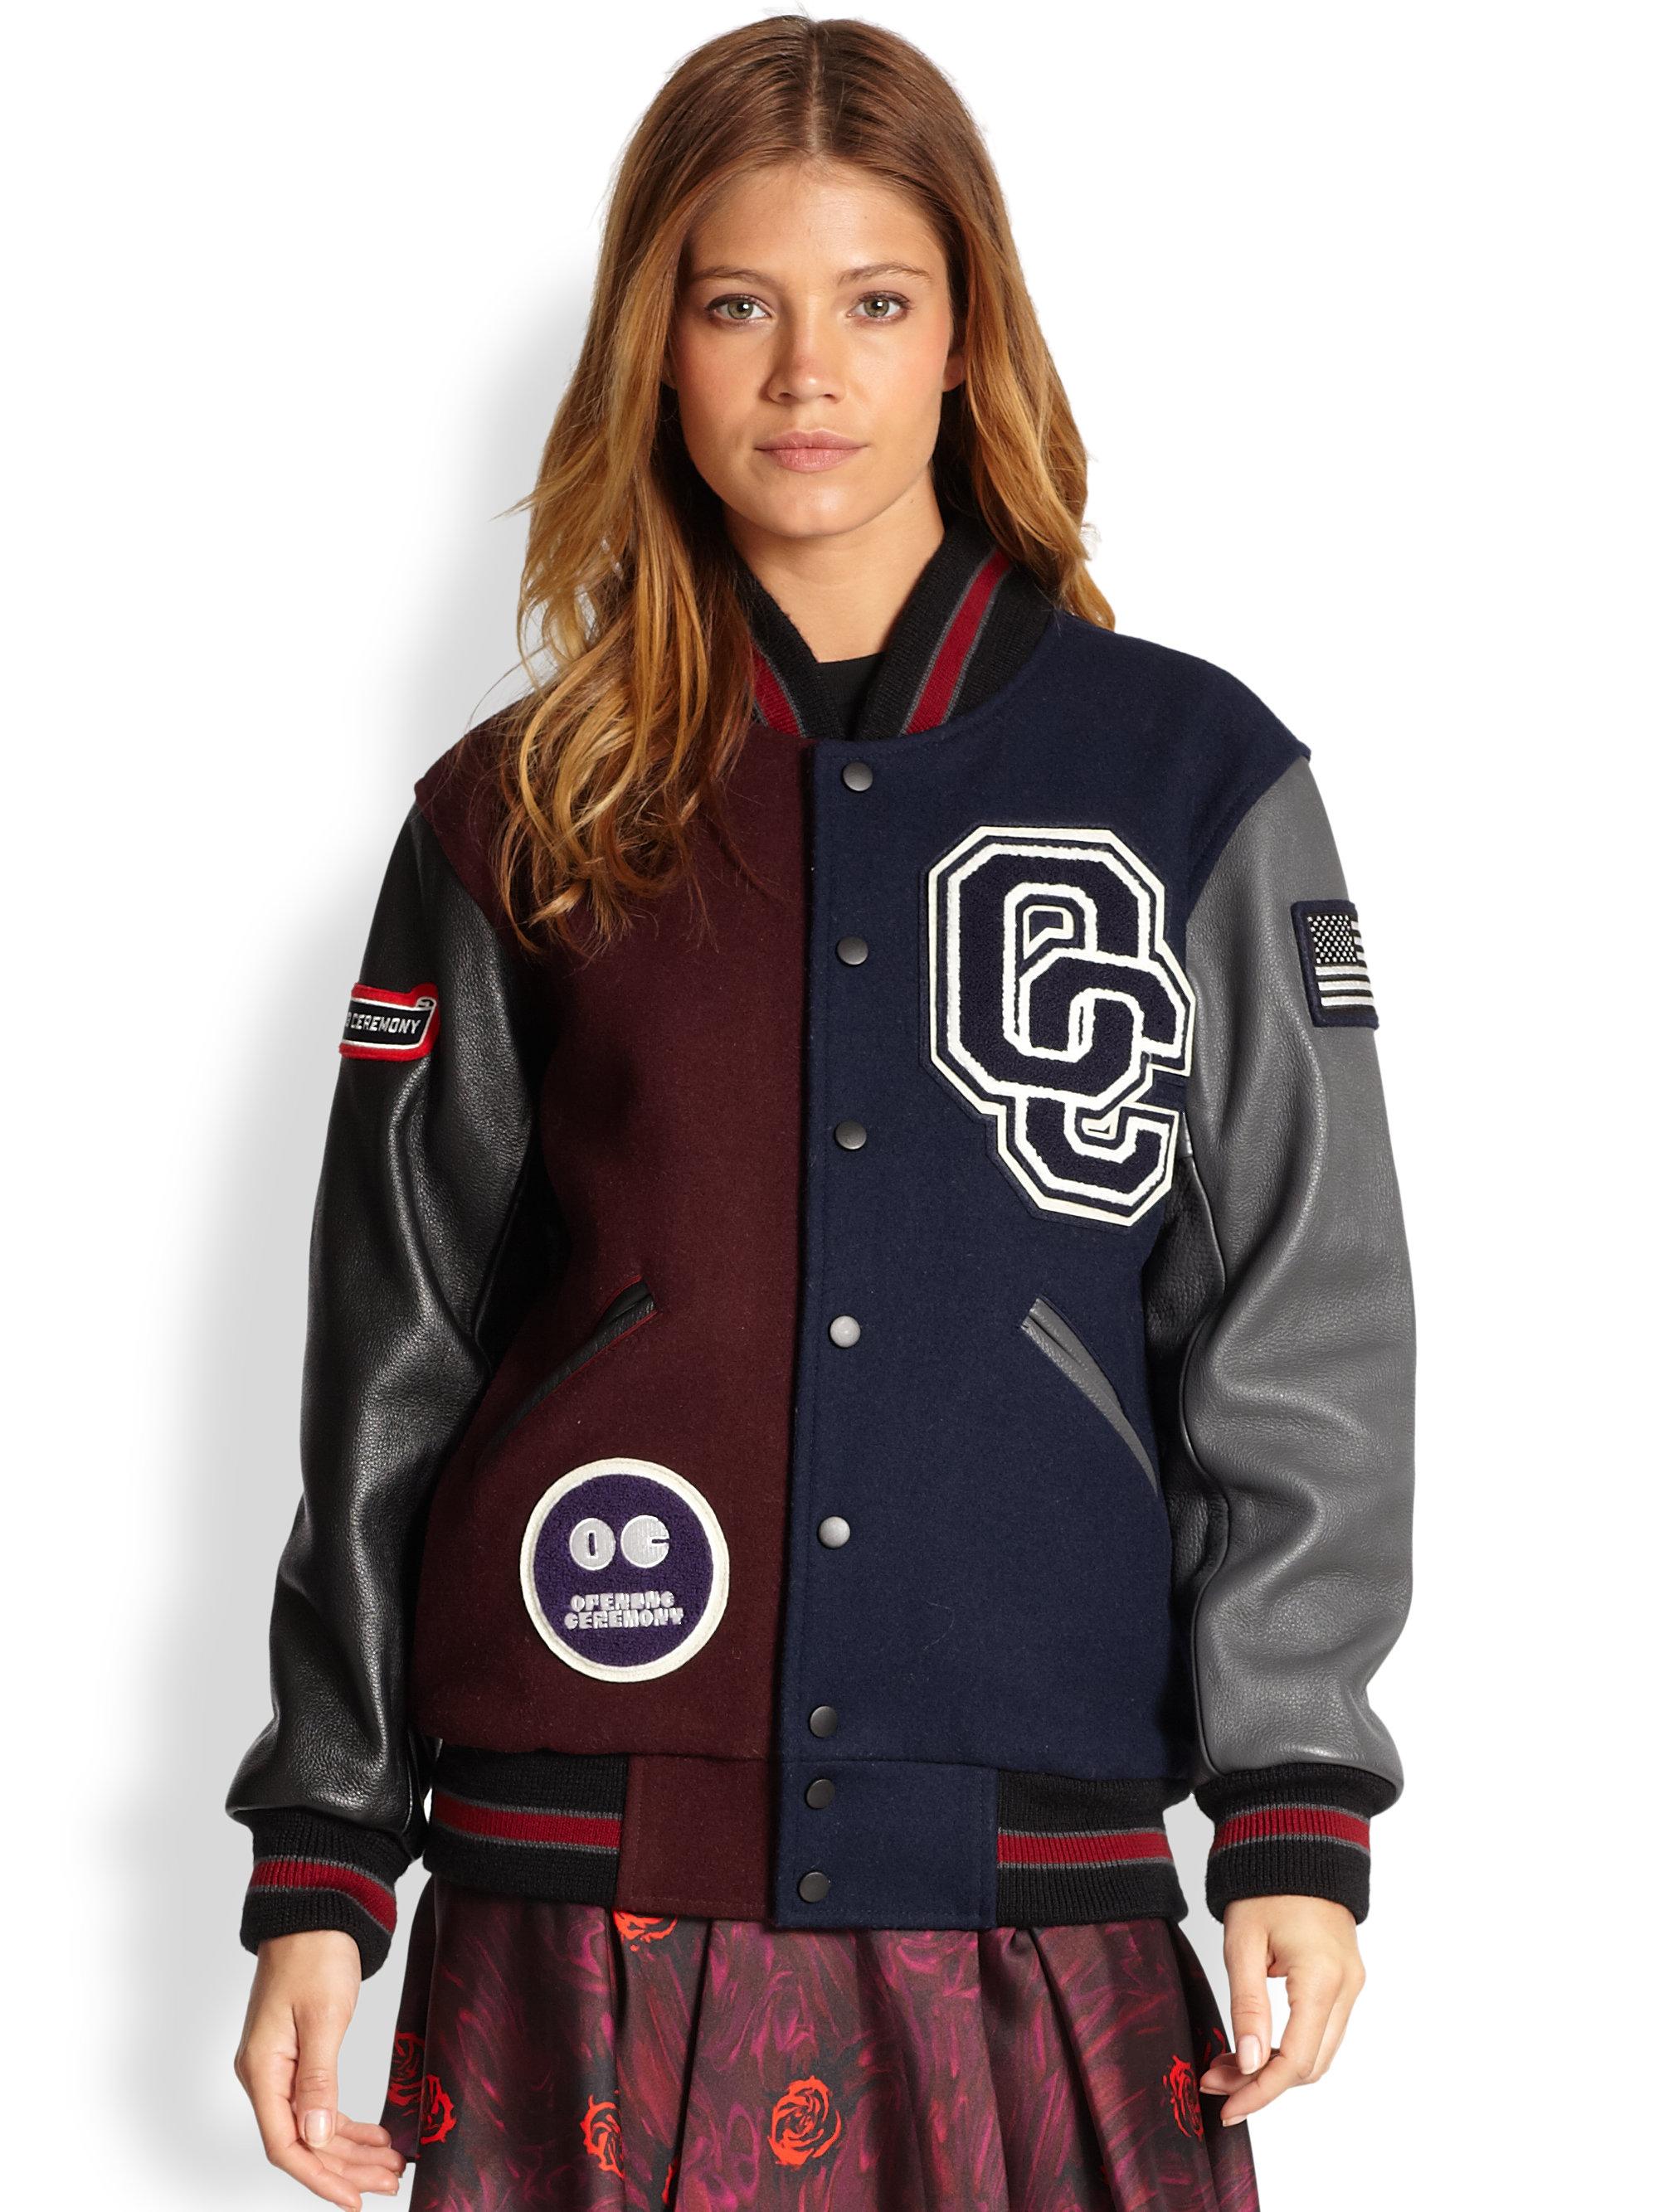 Leather varsity jacket women